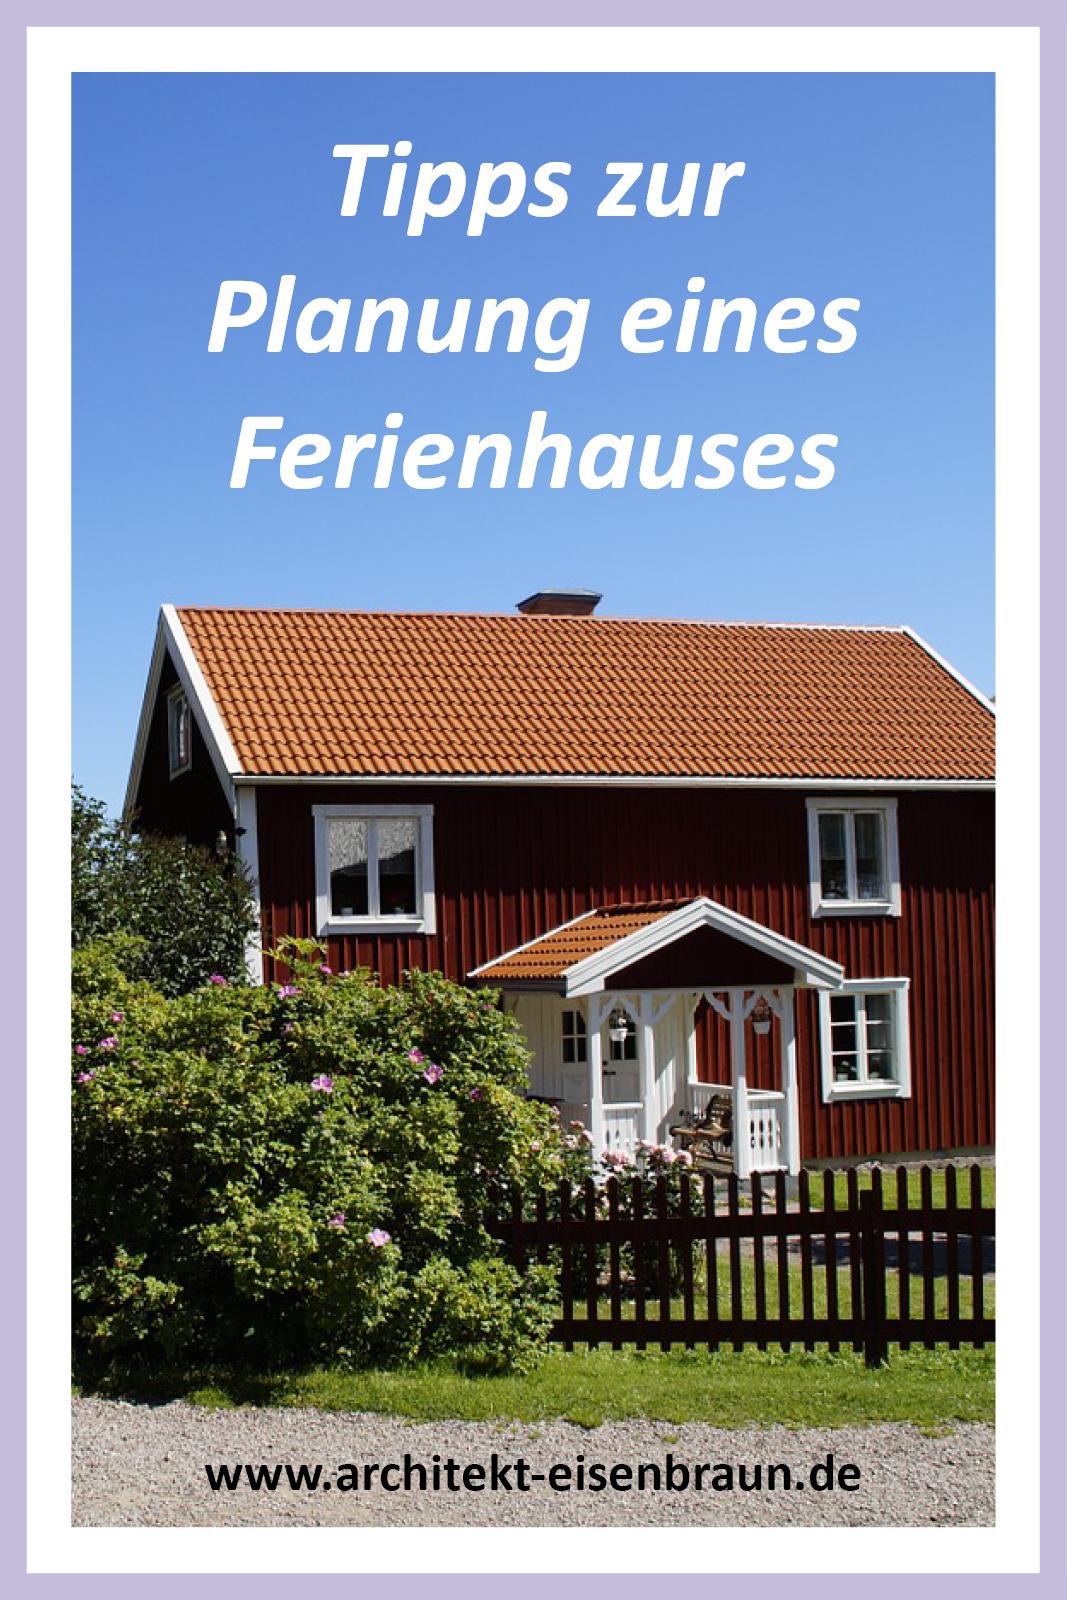 Tipps für die Planung eines Ferienhauses mit dem Architekturbüro EisenbraunTipps für die Planung eines Ferienhauses mit dem Architekturbüro Eisenbraun